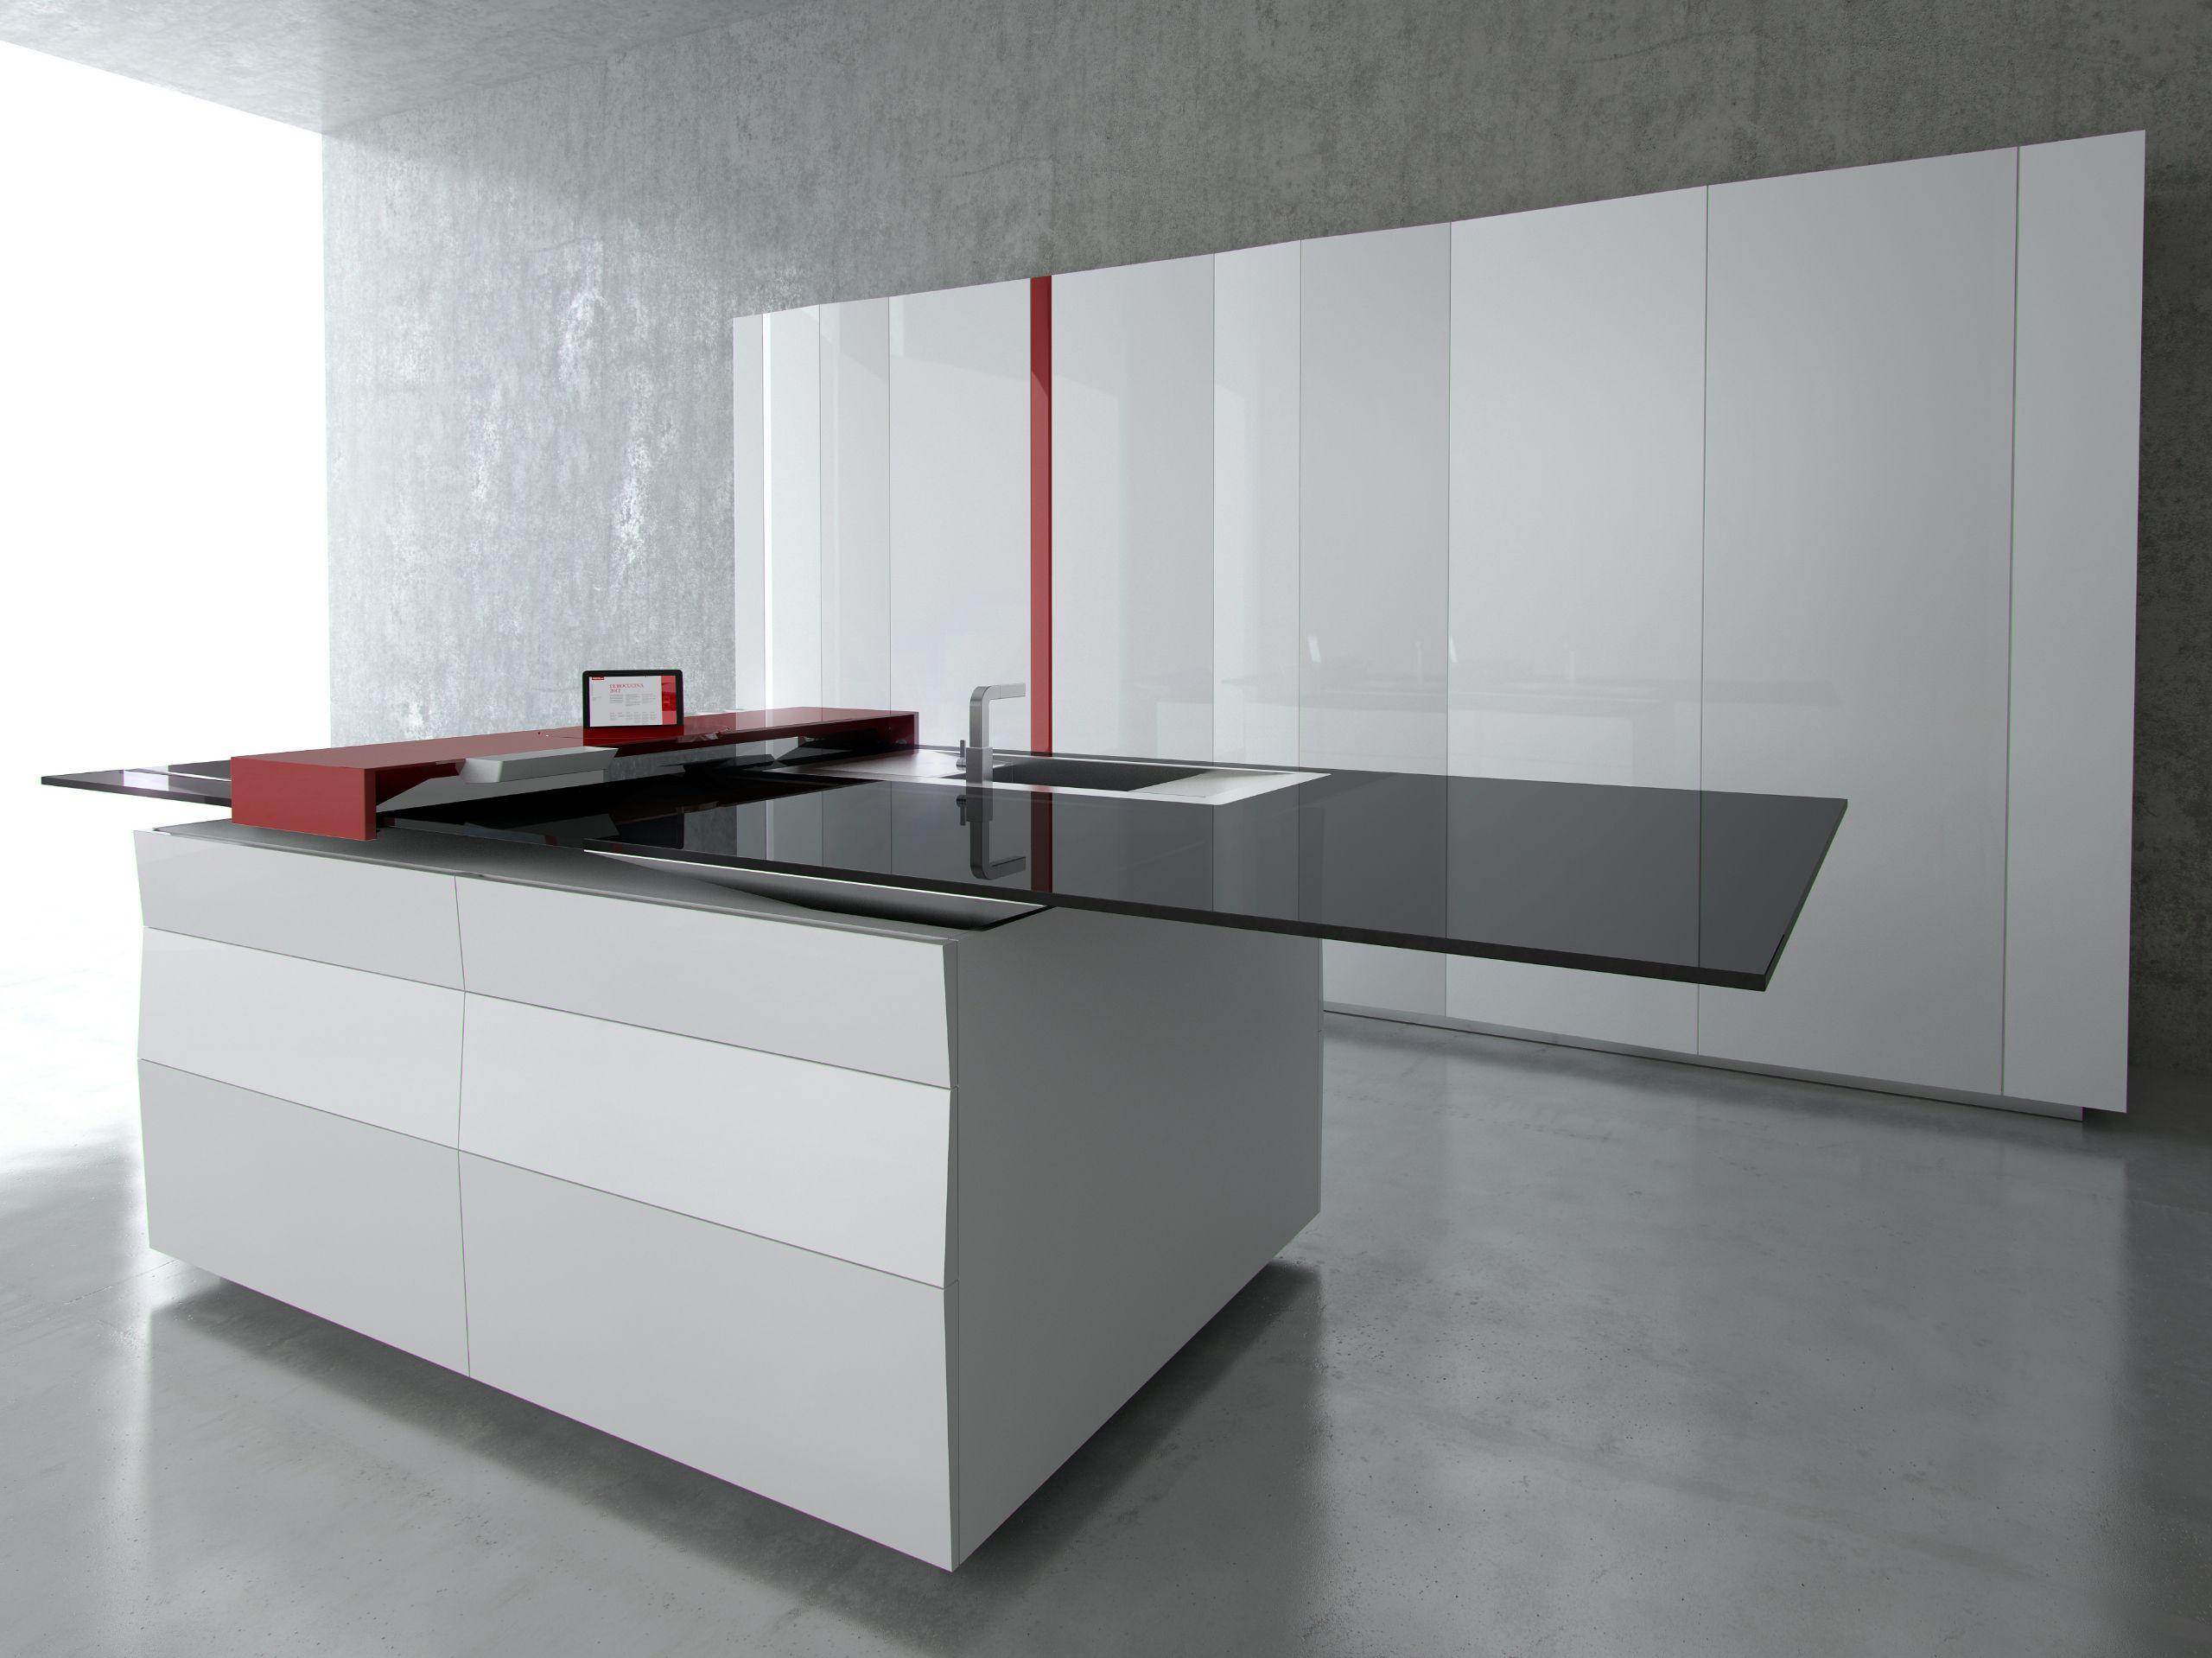 Cucina laccata con isola PRISMA - TONCELLI CUCINE